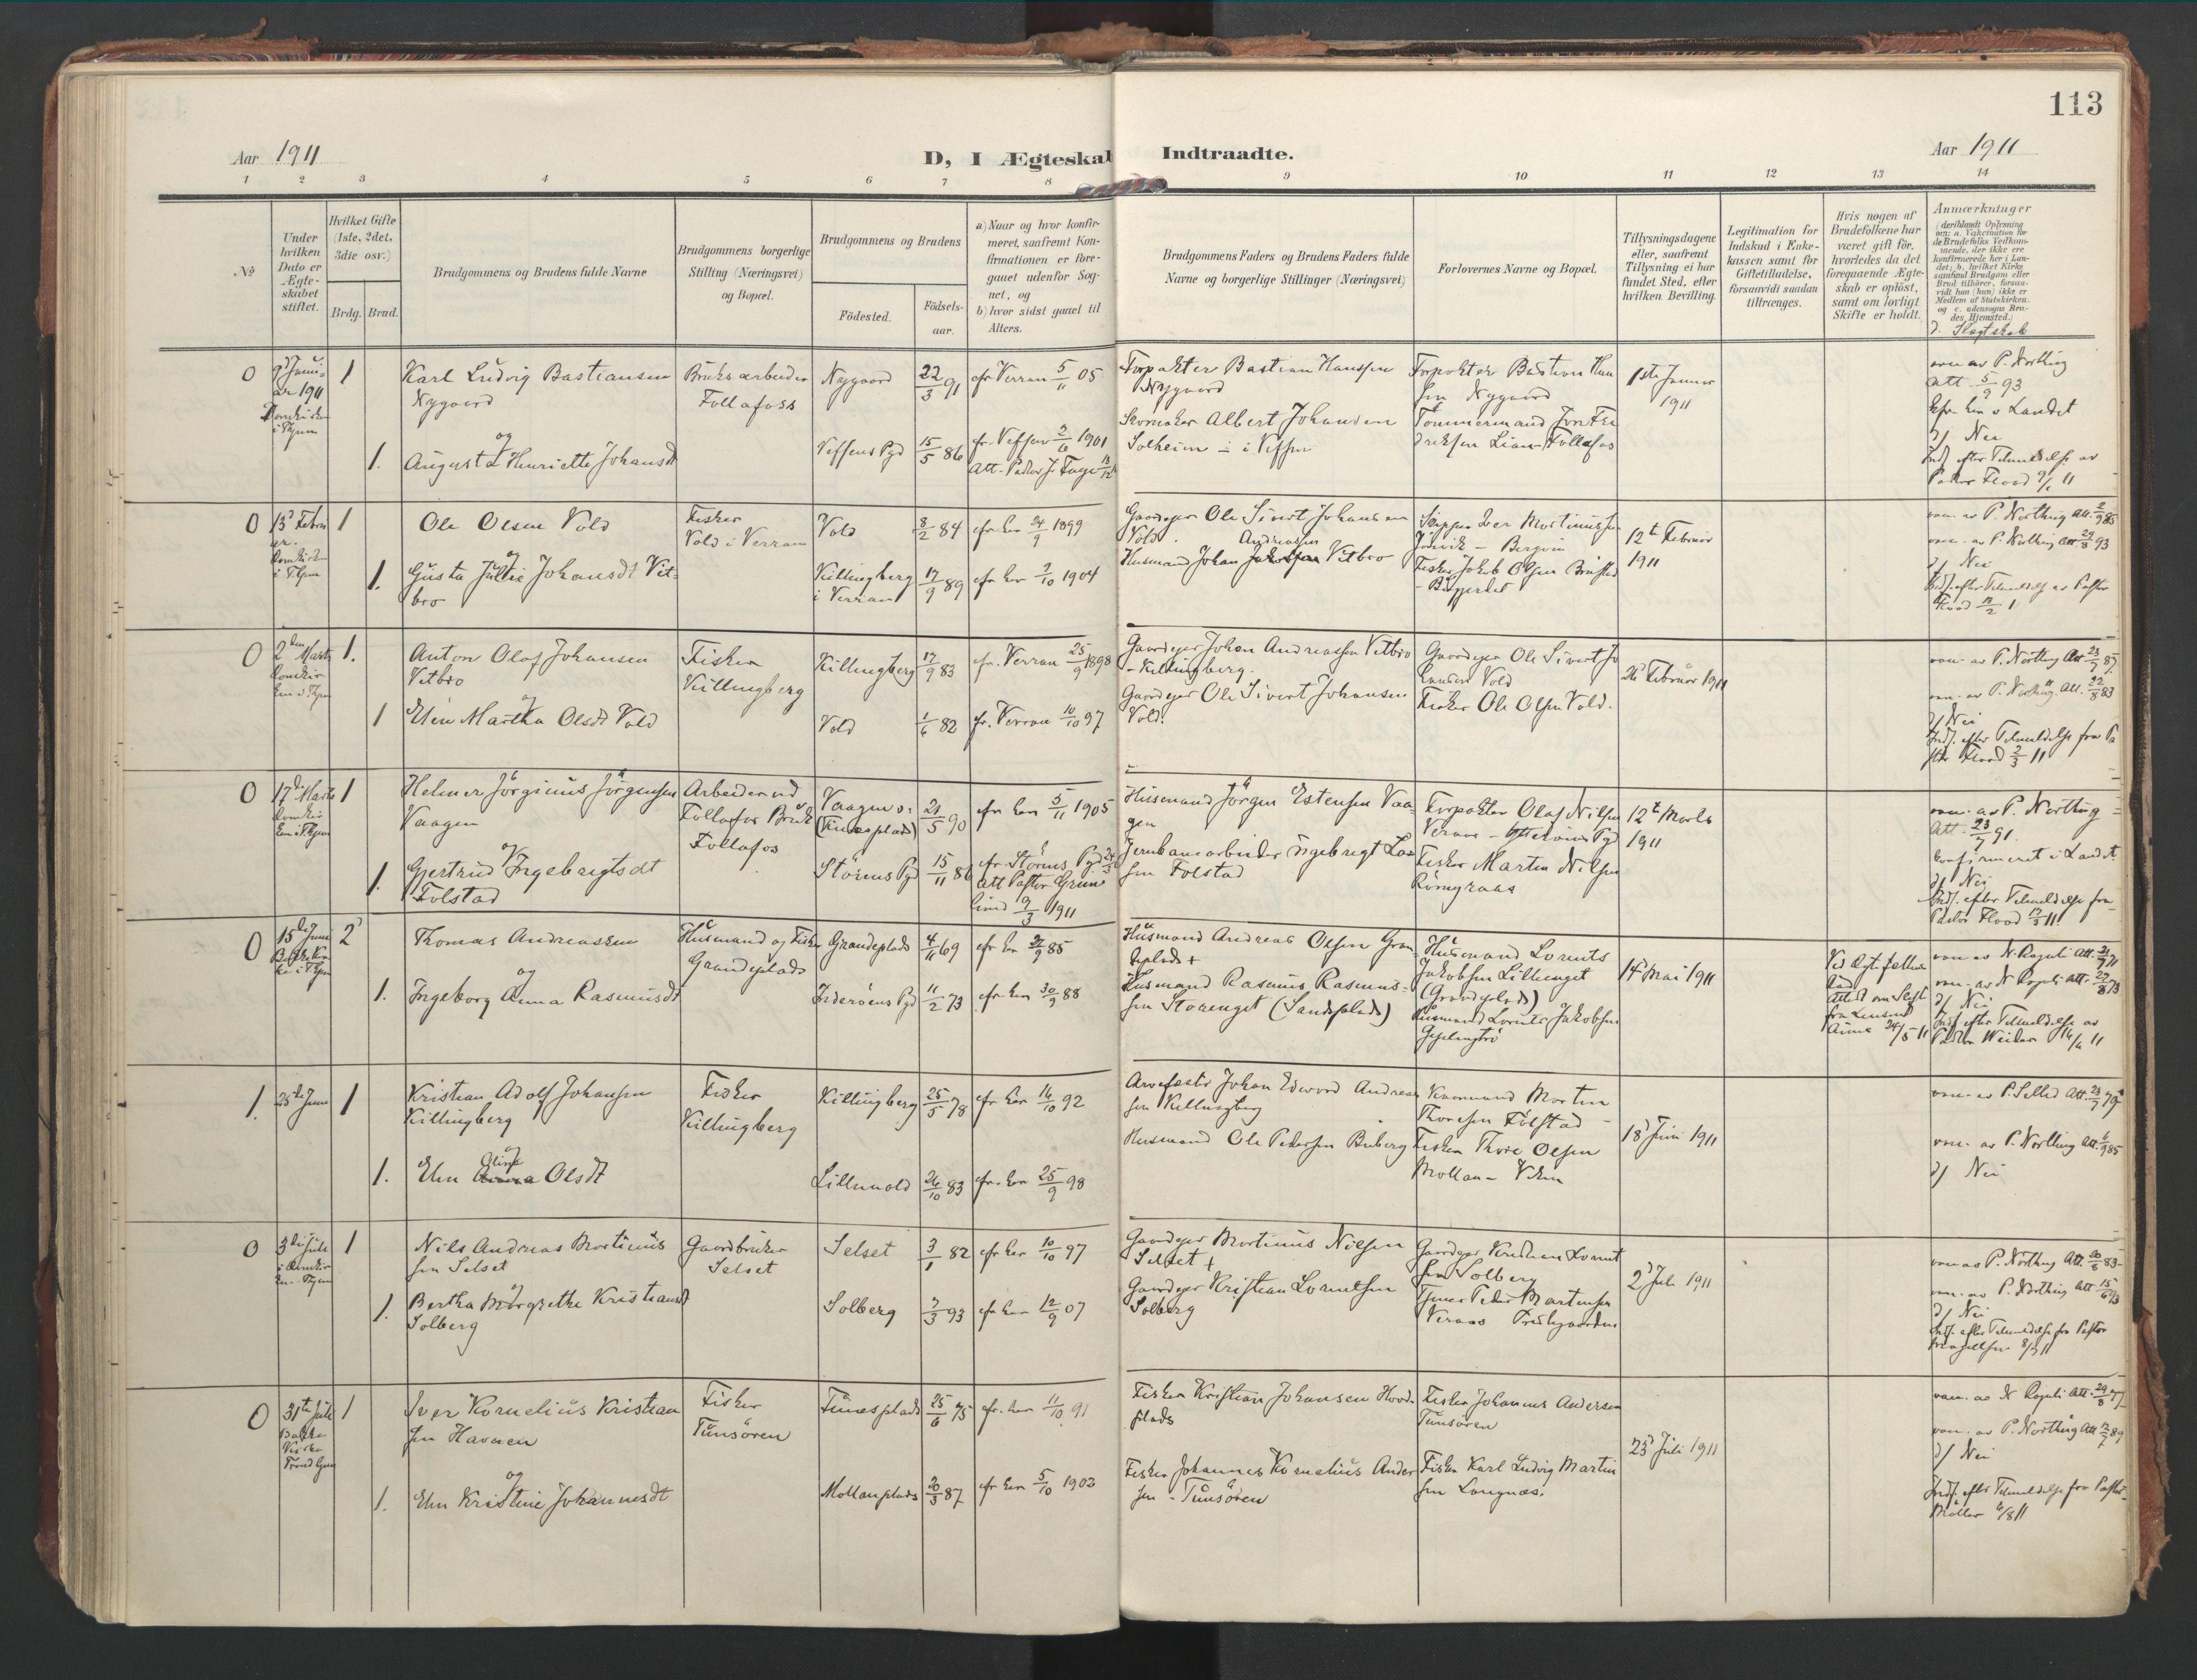 SAT, Ministerialprotokoller, klokkerbøker og fødselsregistre - Nord-Trøndelag, 744/L0421: Ministerialbok nr. 744A05, 1905-1930, s. 113